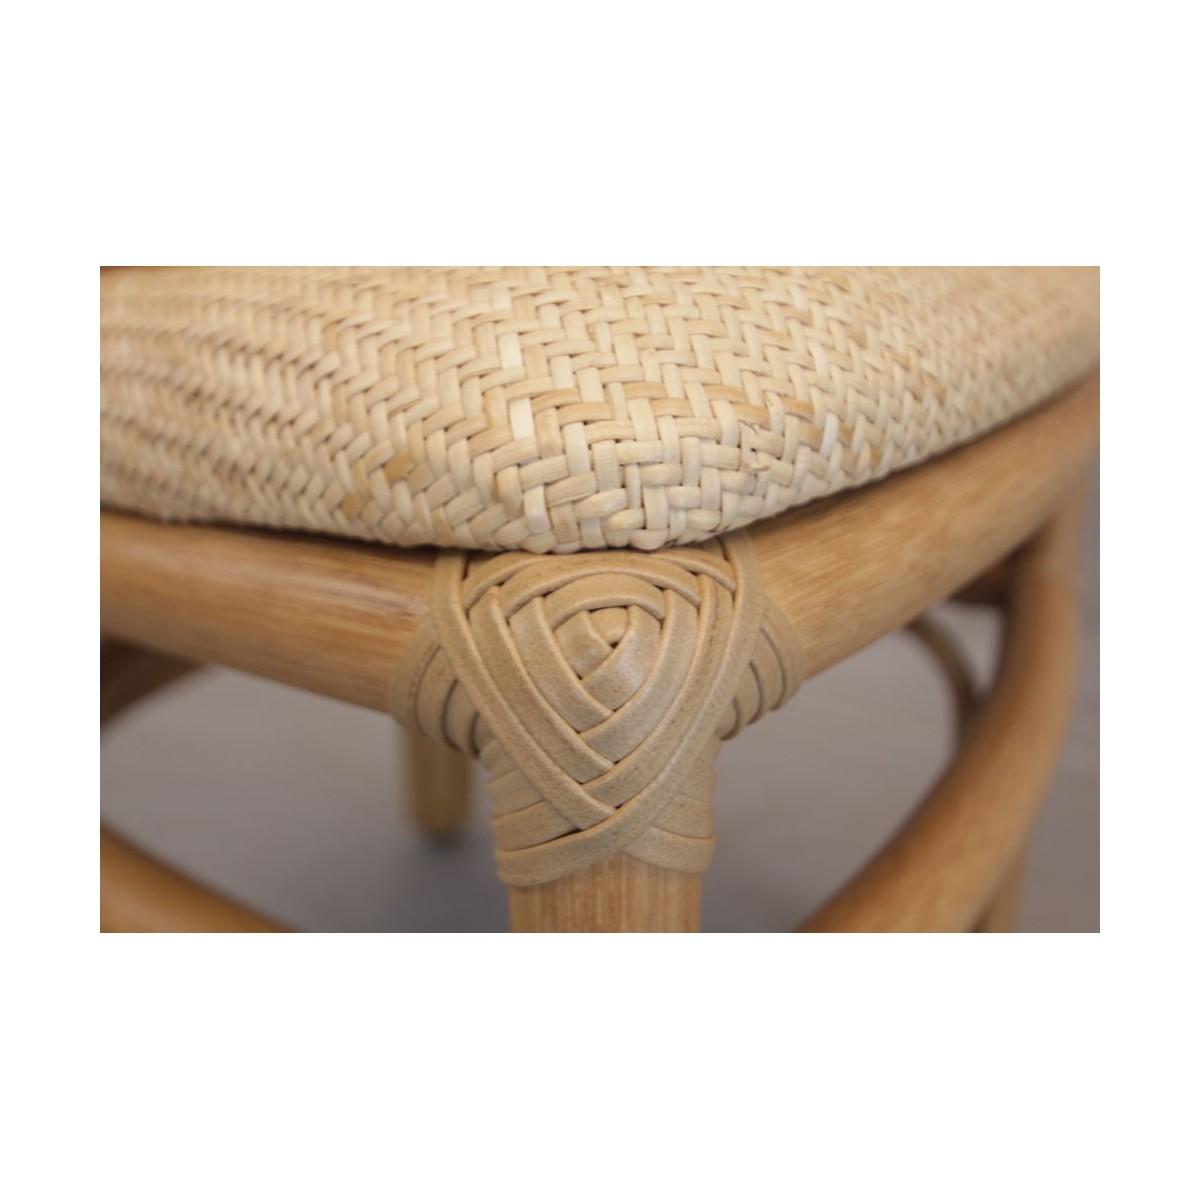 Chaise en rotin et ligatures en cuir coloris noisette for Chaise cuir et rotin